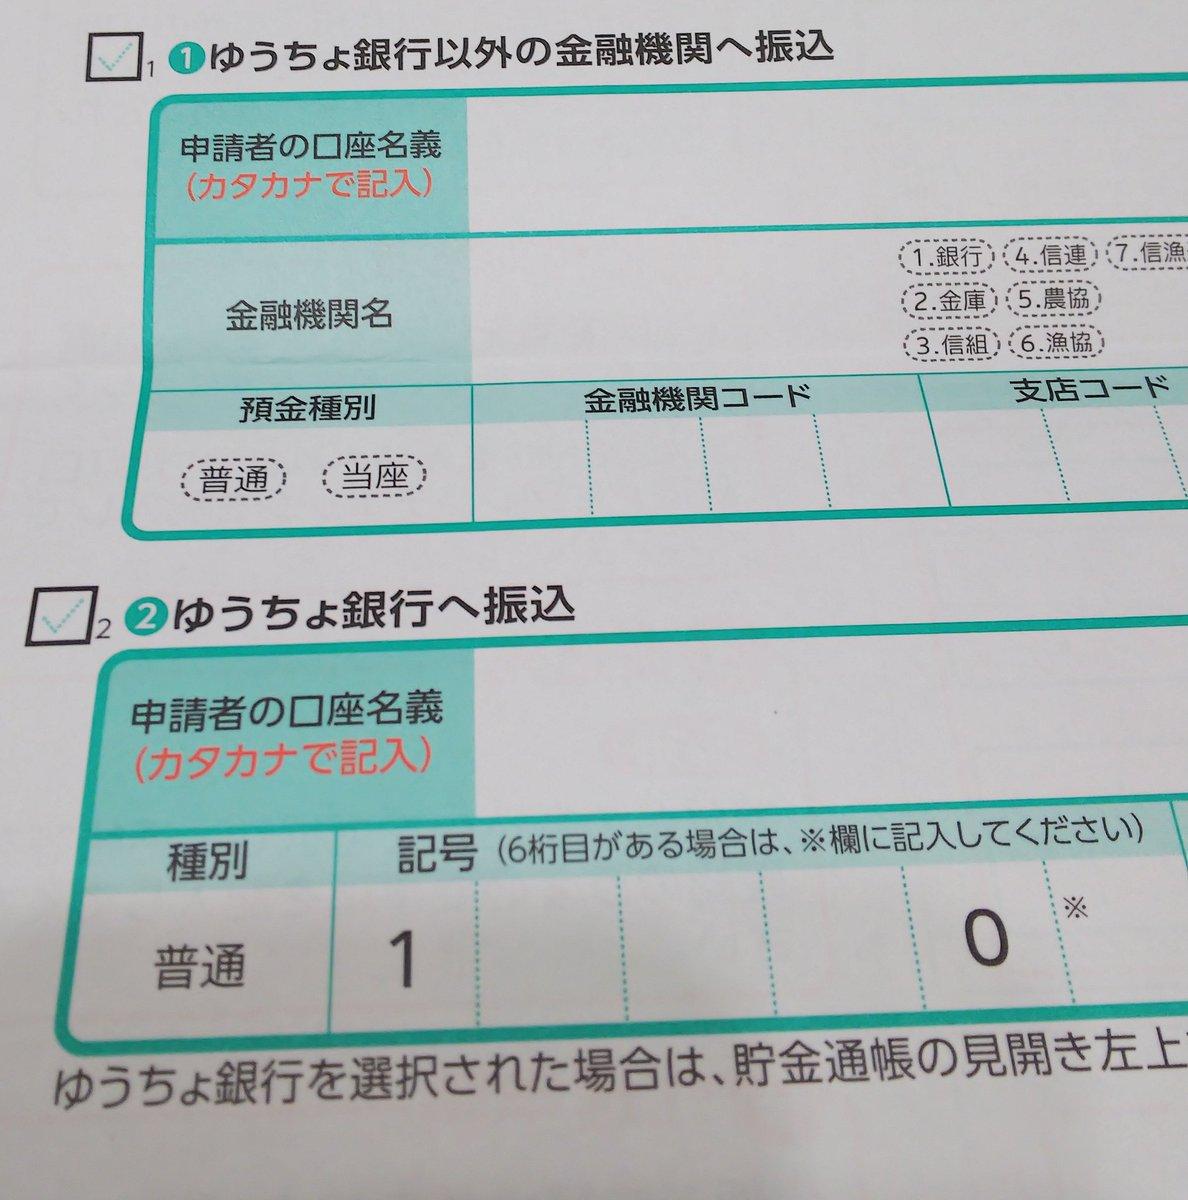 住友 機関 三井 銀行 コード 金融